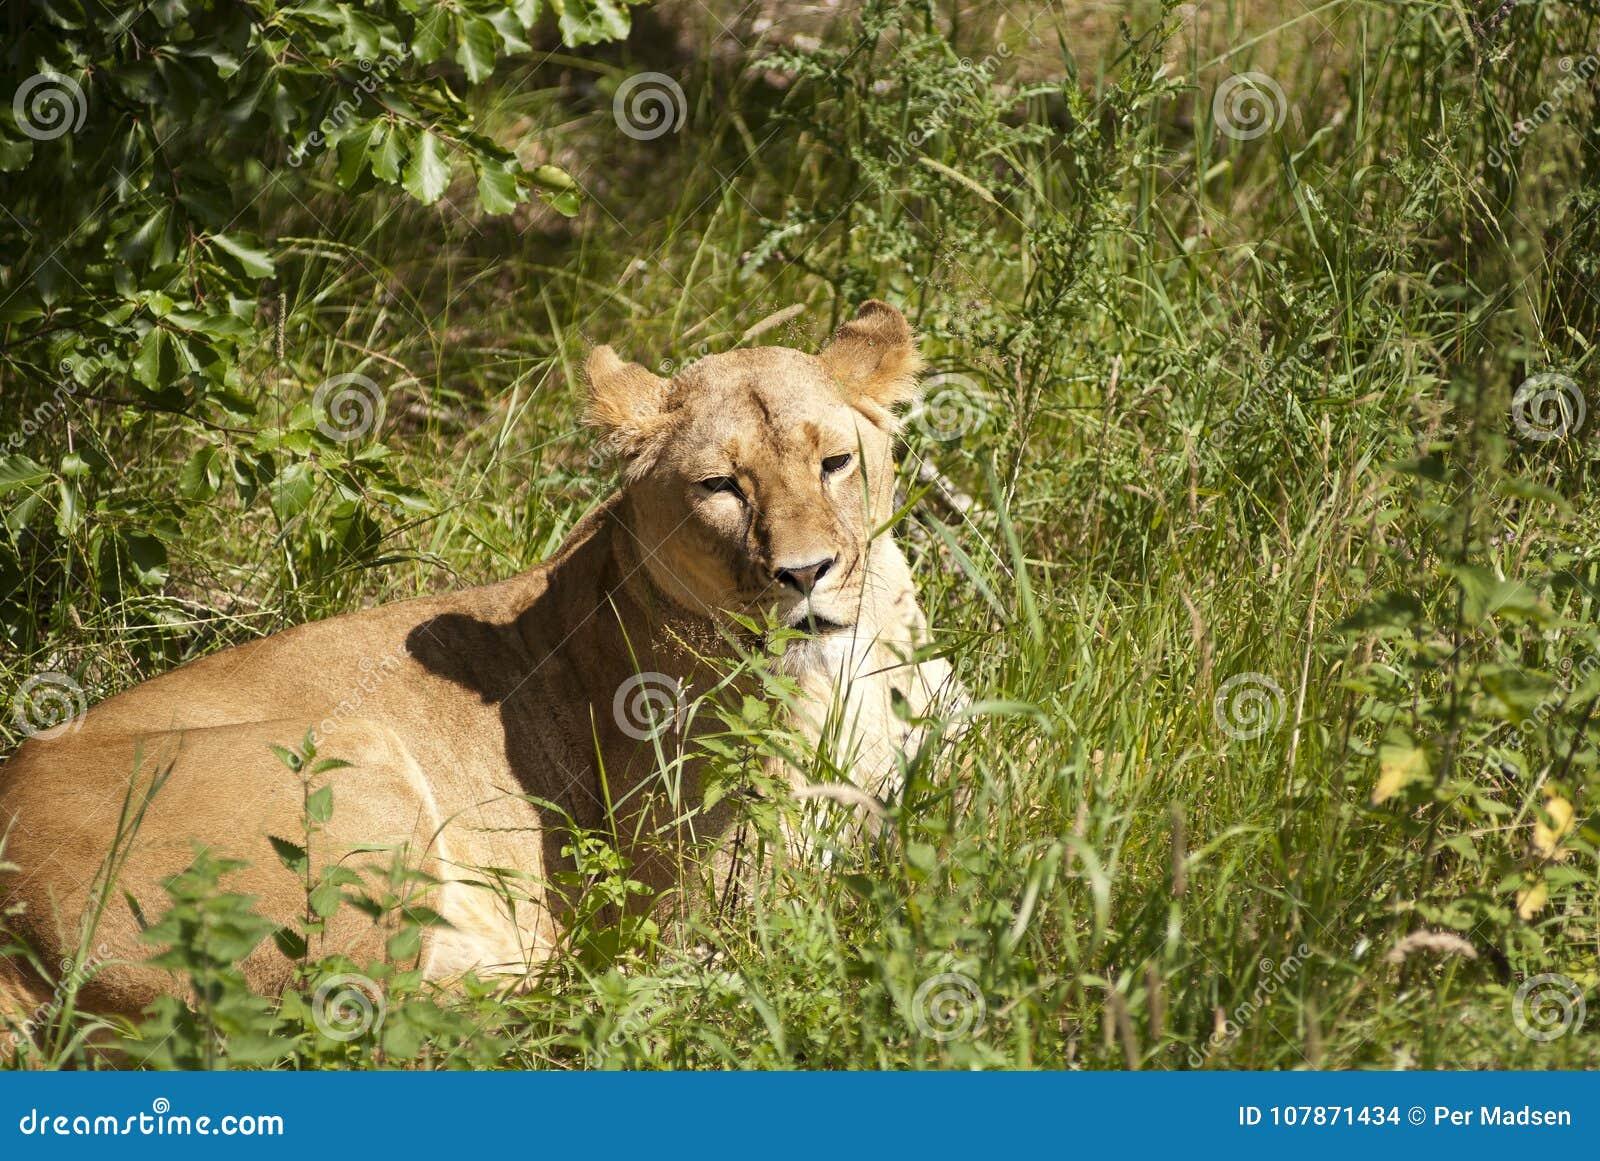 Ella león